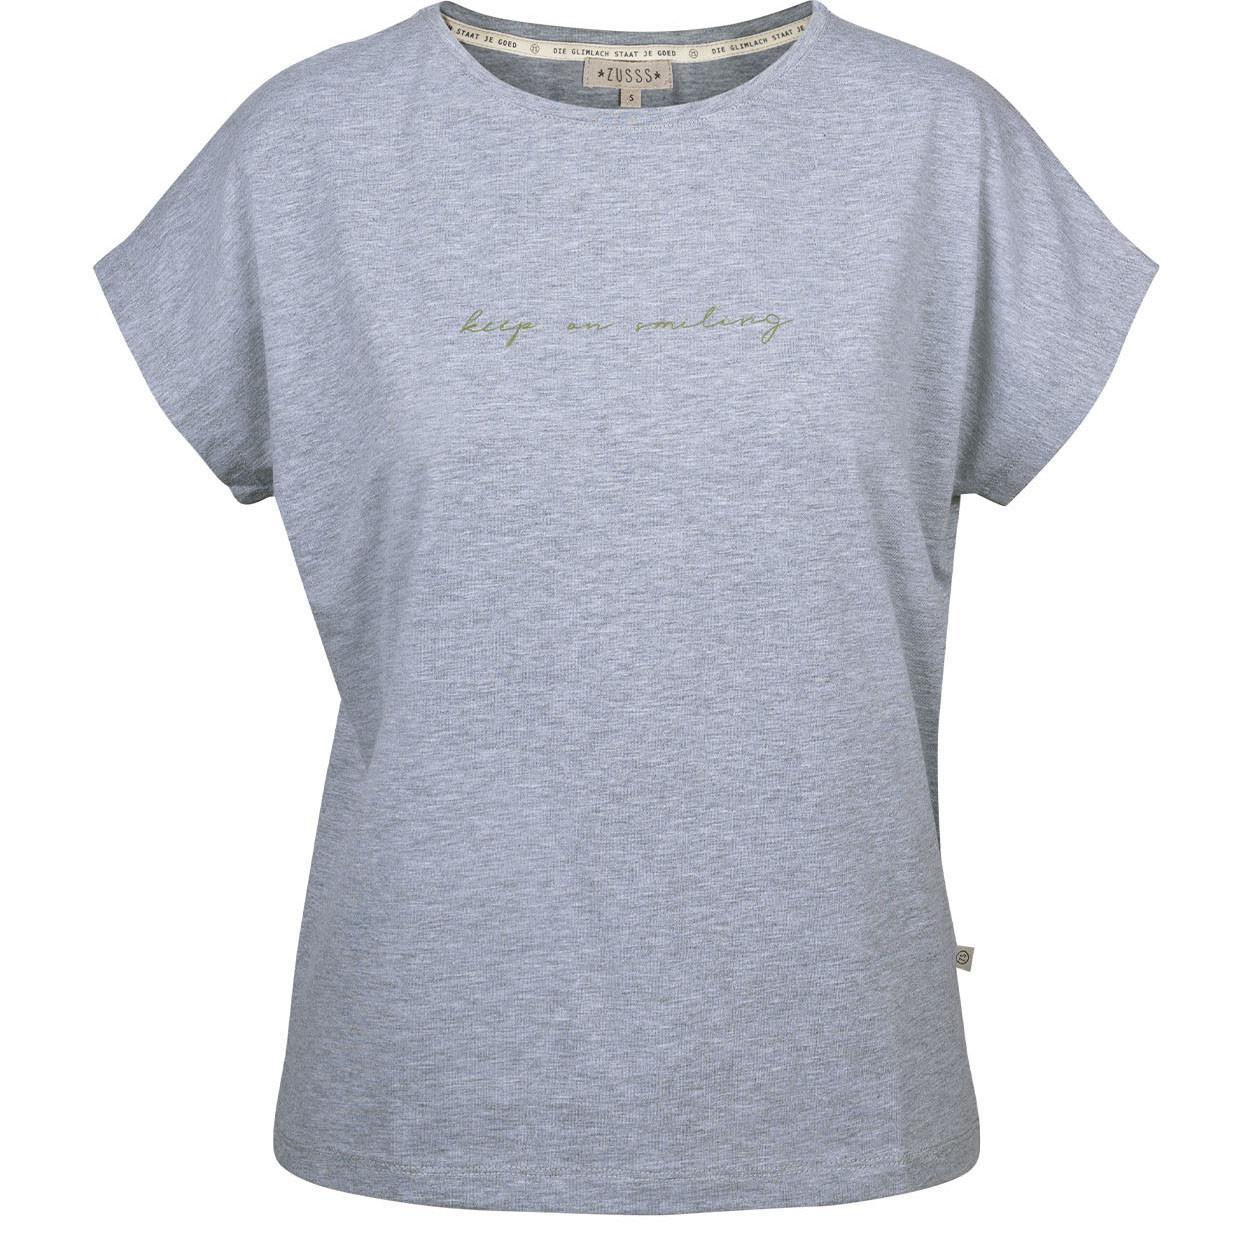 Zusss Tof Basic T-Shirt Grijs-melee